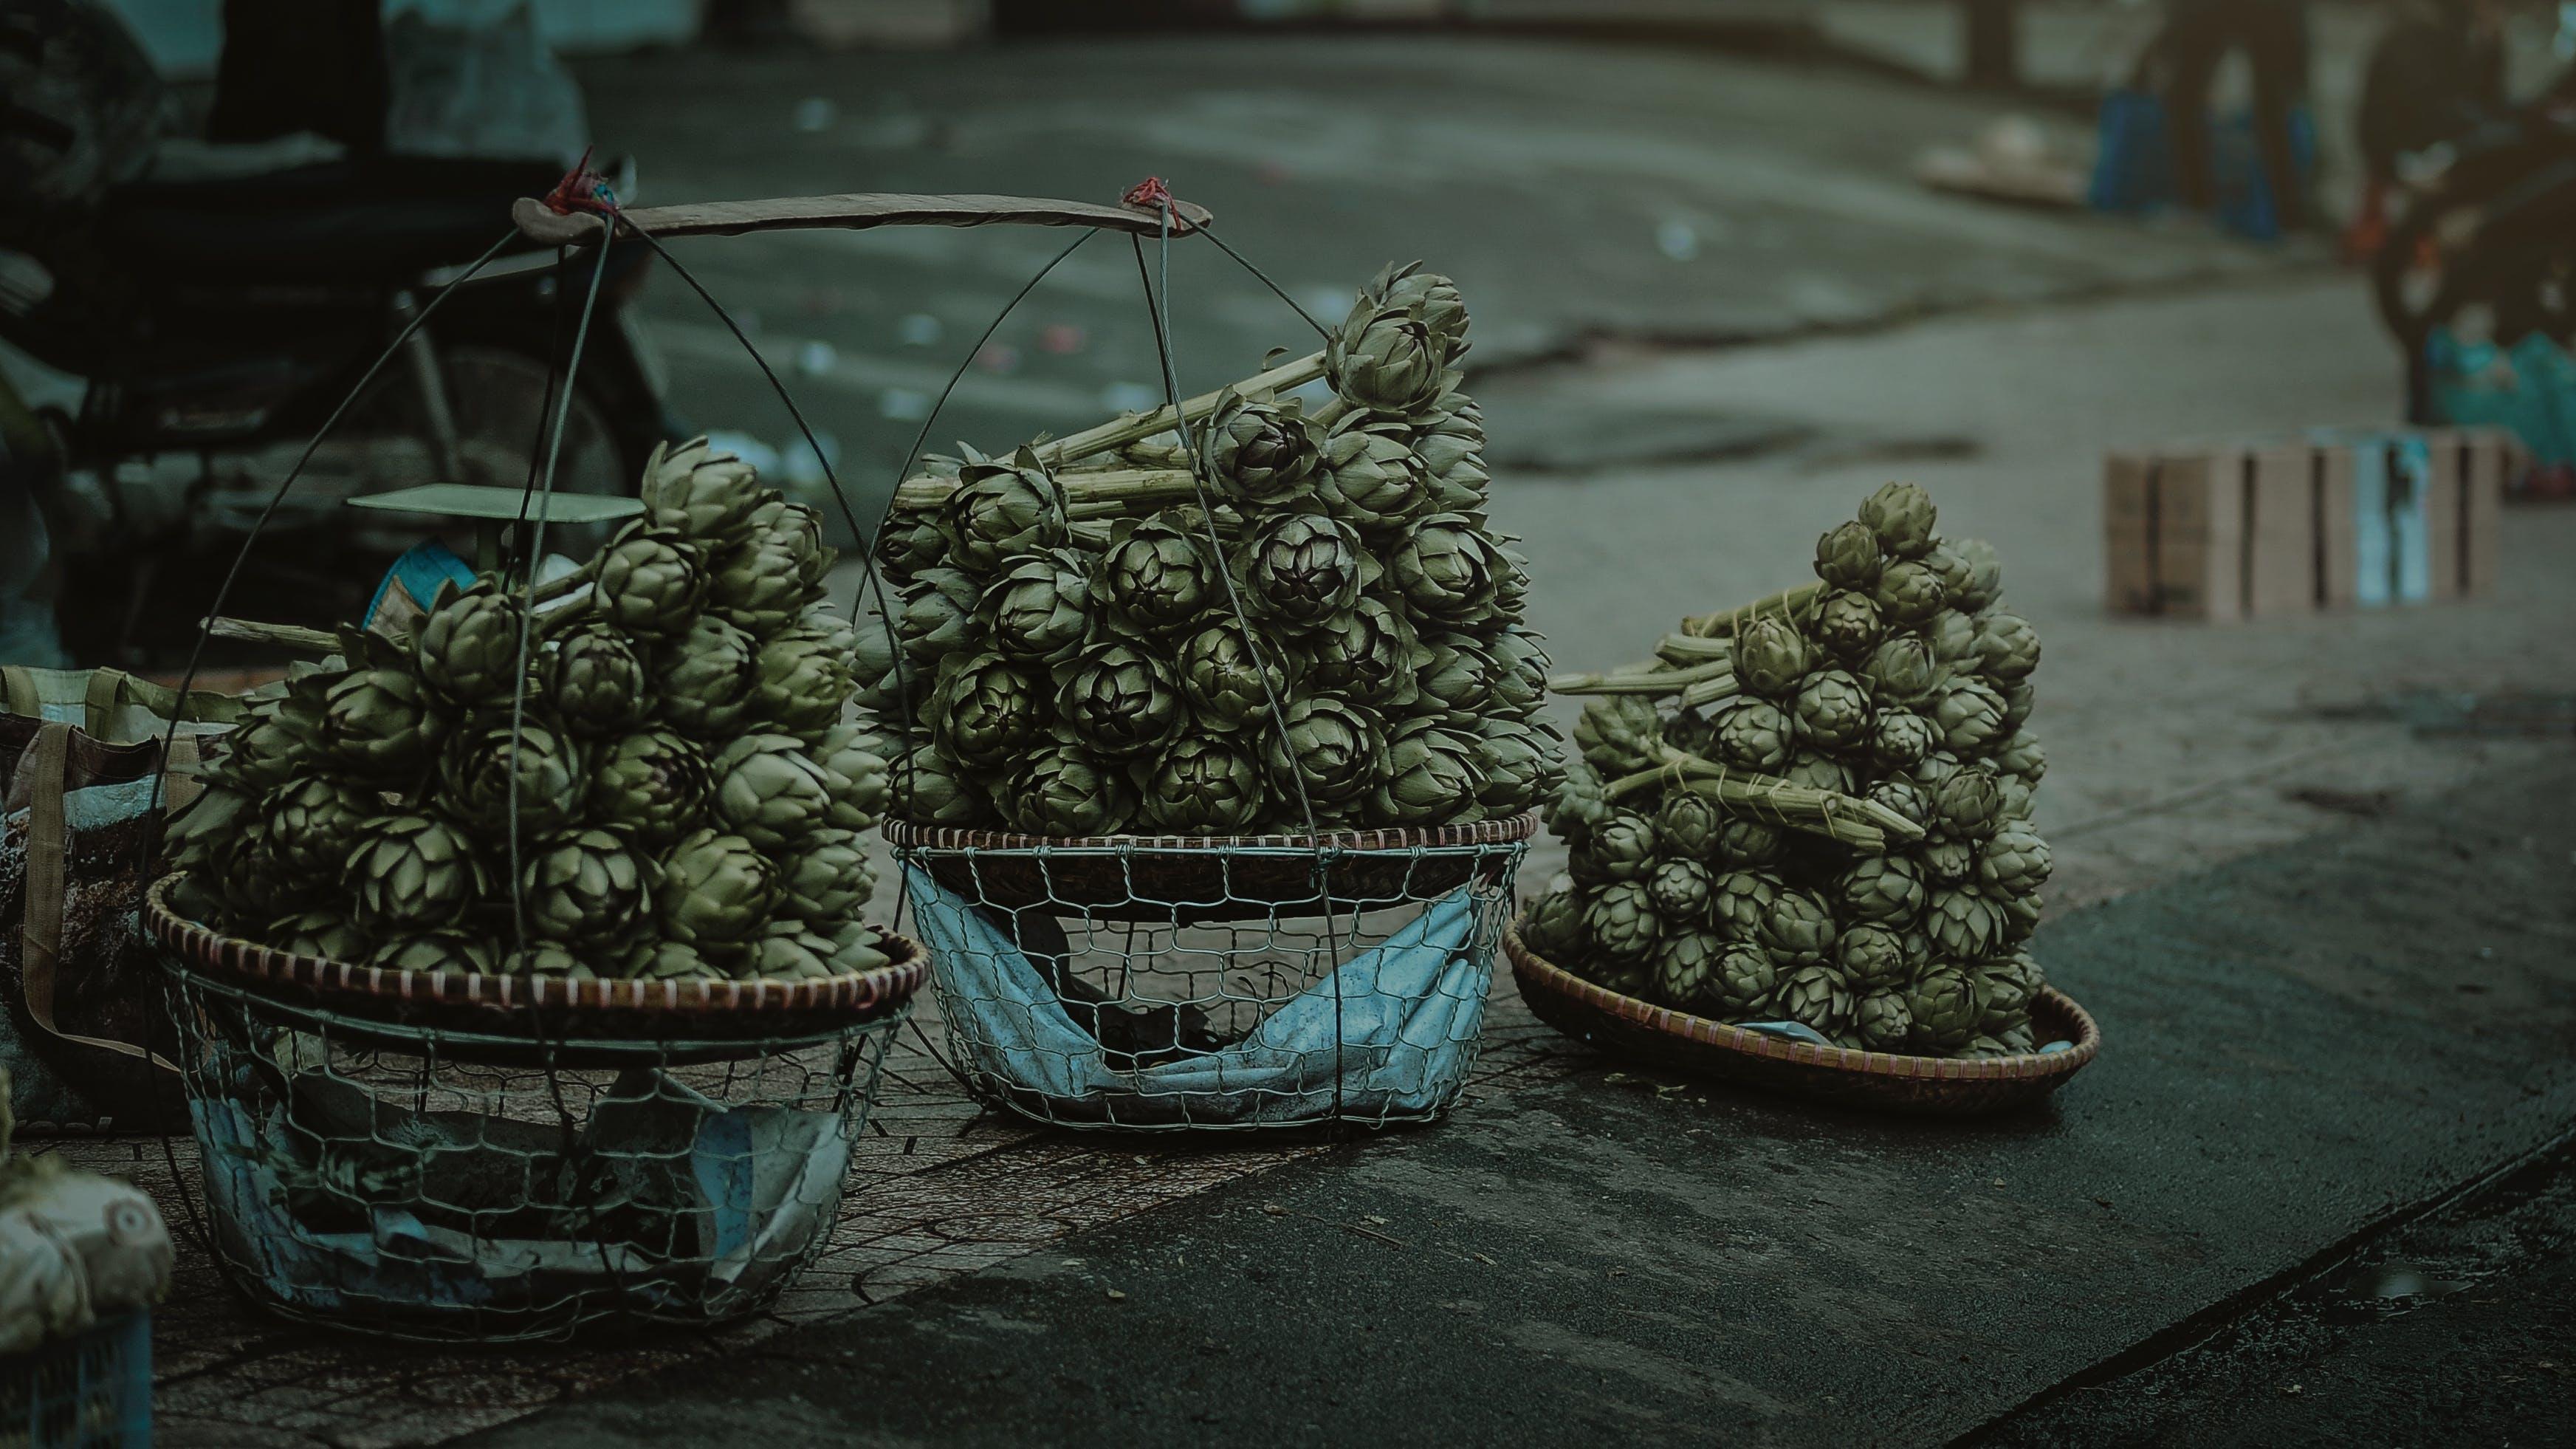 Fotos de stock gratuitas de cactus, canastas, colores, efecto desenfocado